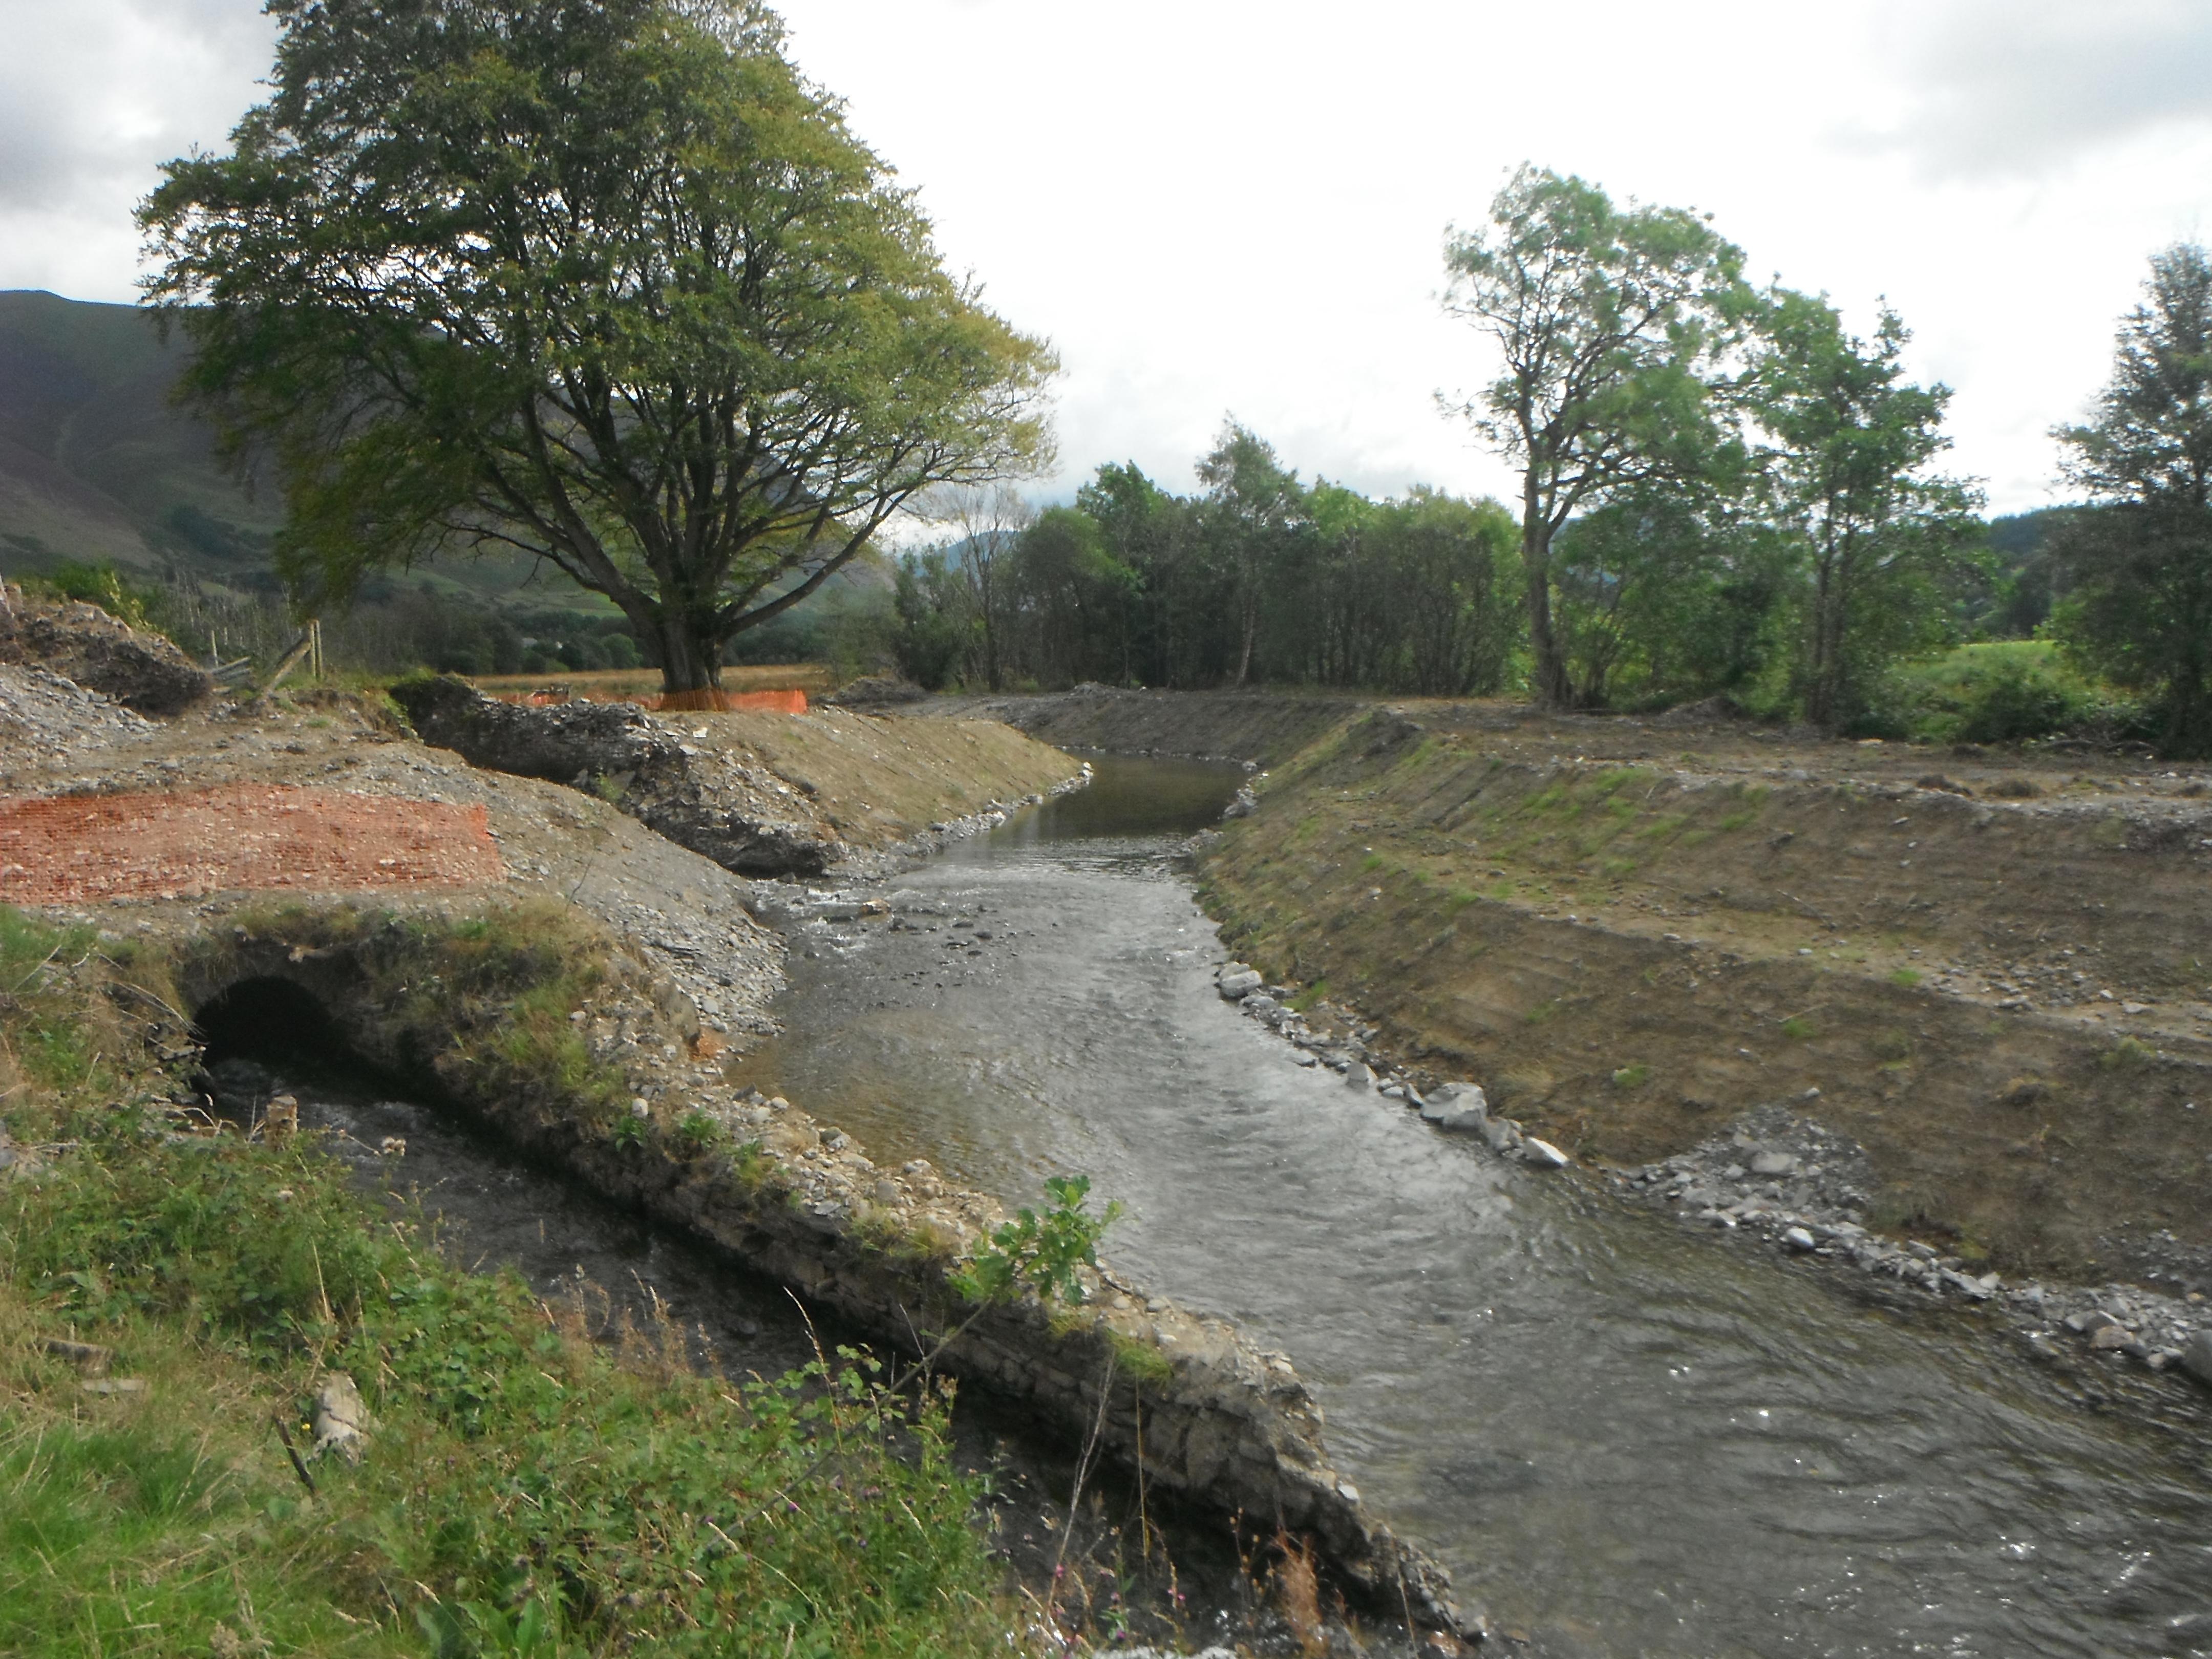 West Cumbria Rivers Trust (WCRT)